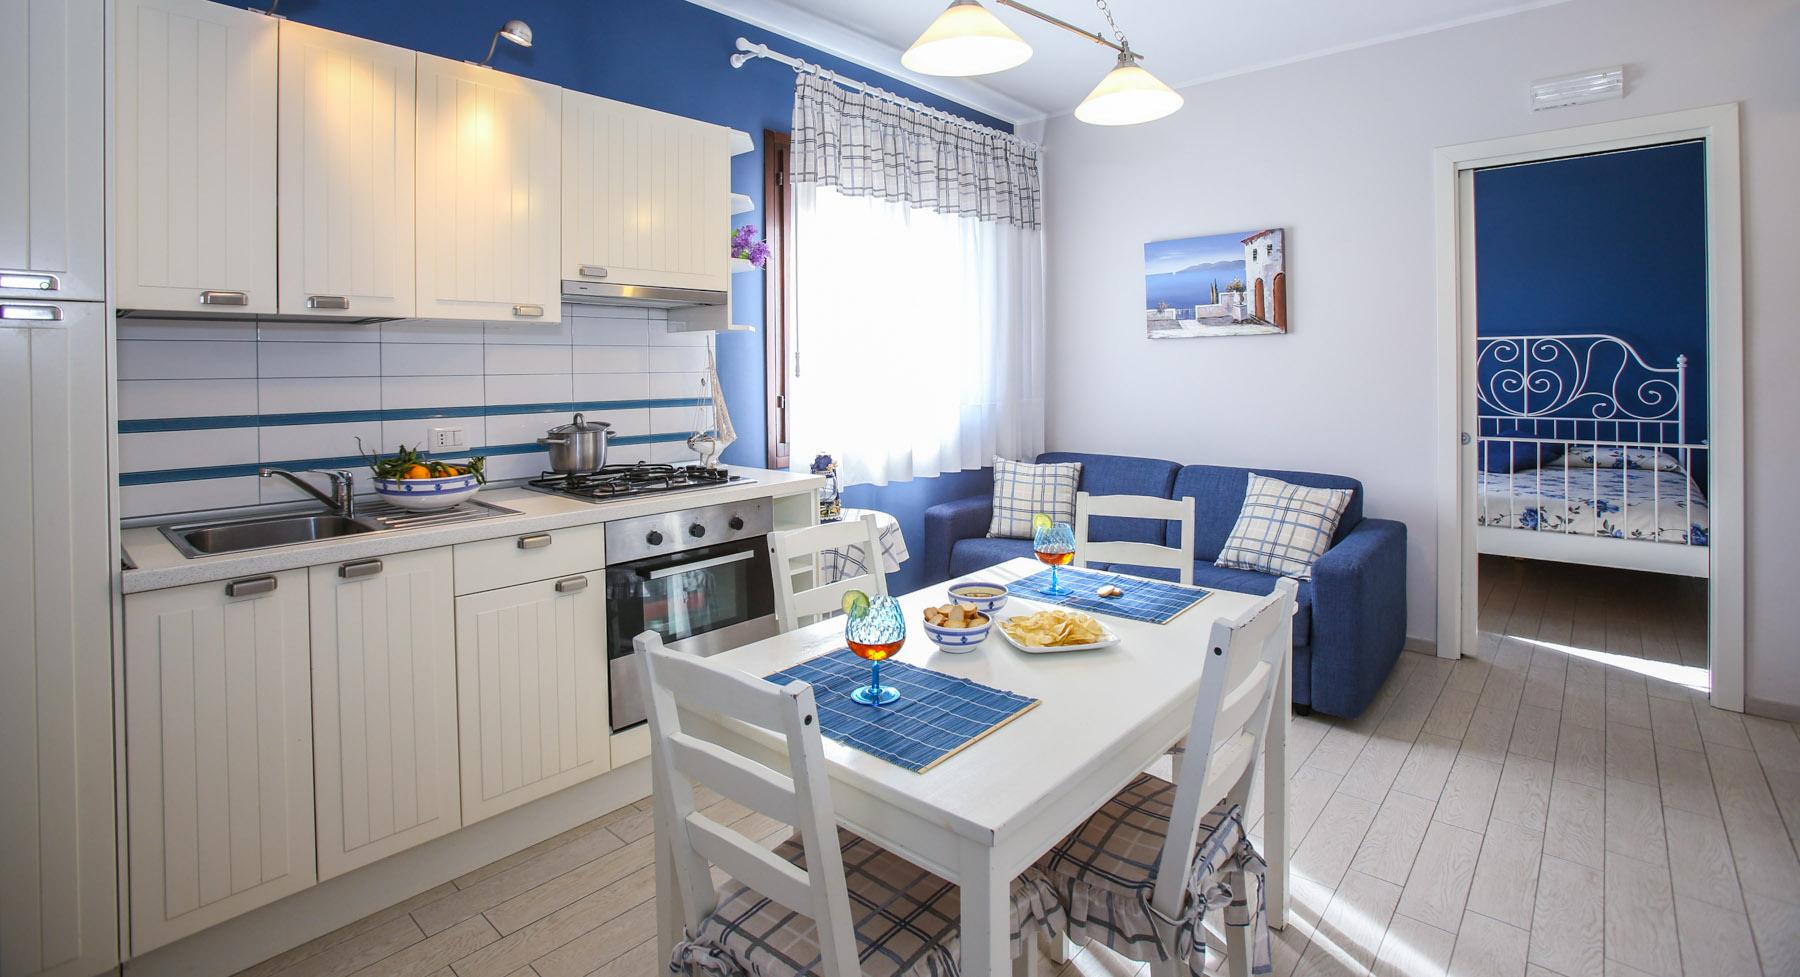 Appartamenti affitto a pozzallo case con piscina e ville for Appartamenti in affitto a bressanone e dintorni